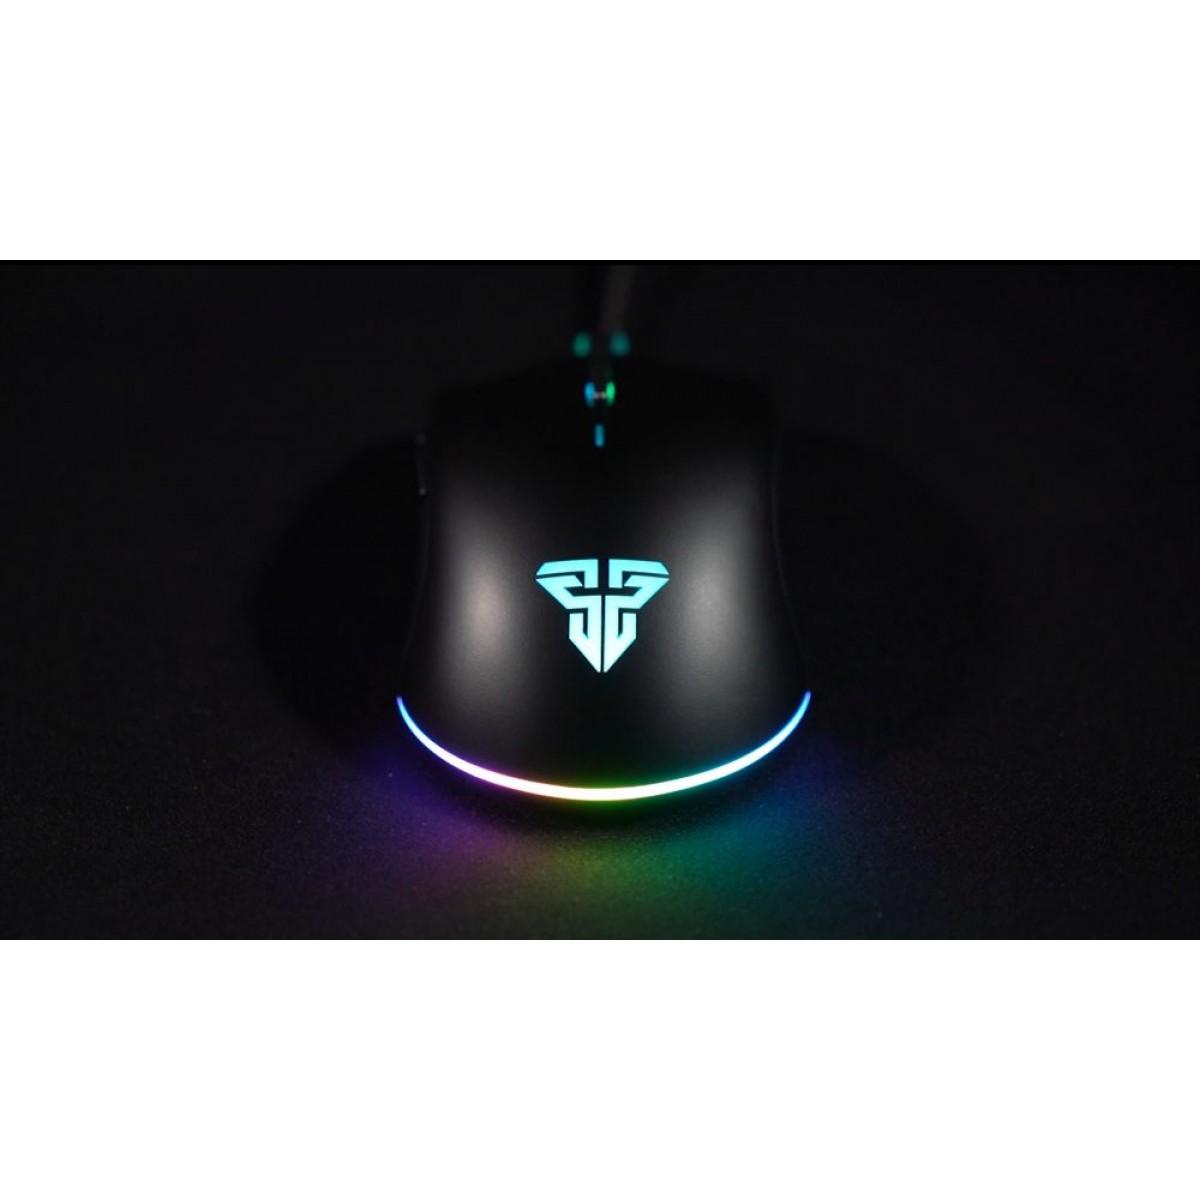 Mouse Gamer Fantech Blake X17 Pro, 12.000 DPI, Sensor Pixart 3360, 8 Botões, RGB, Black